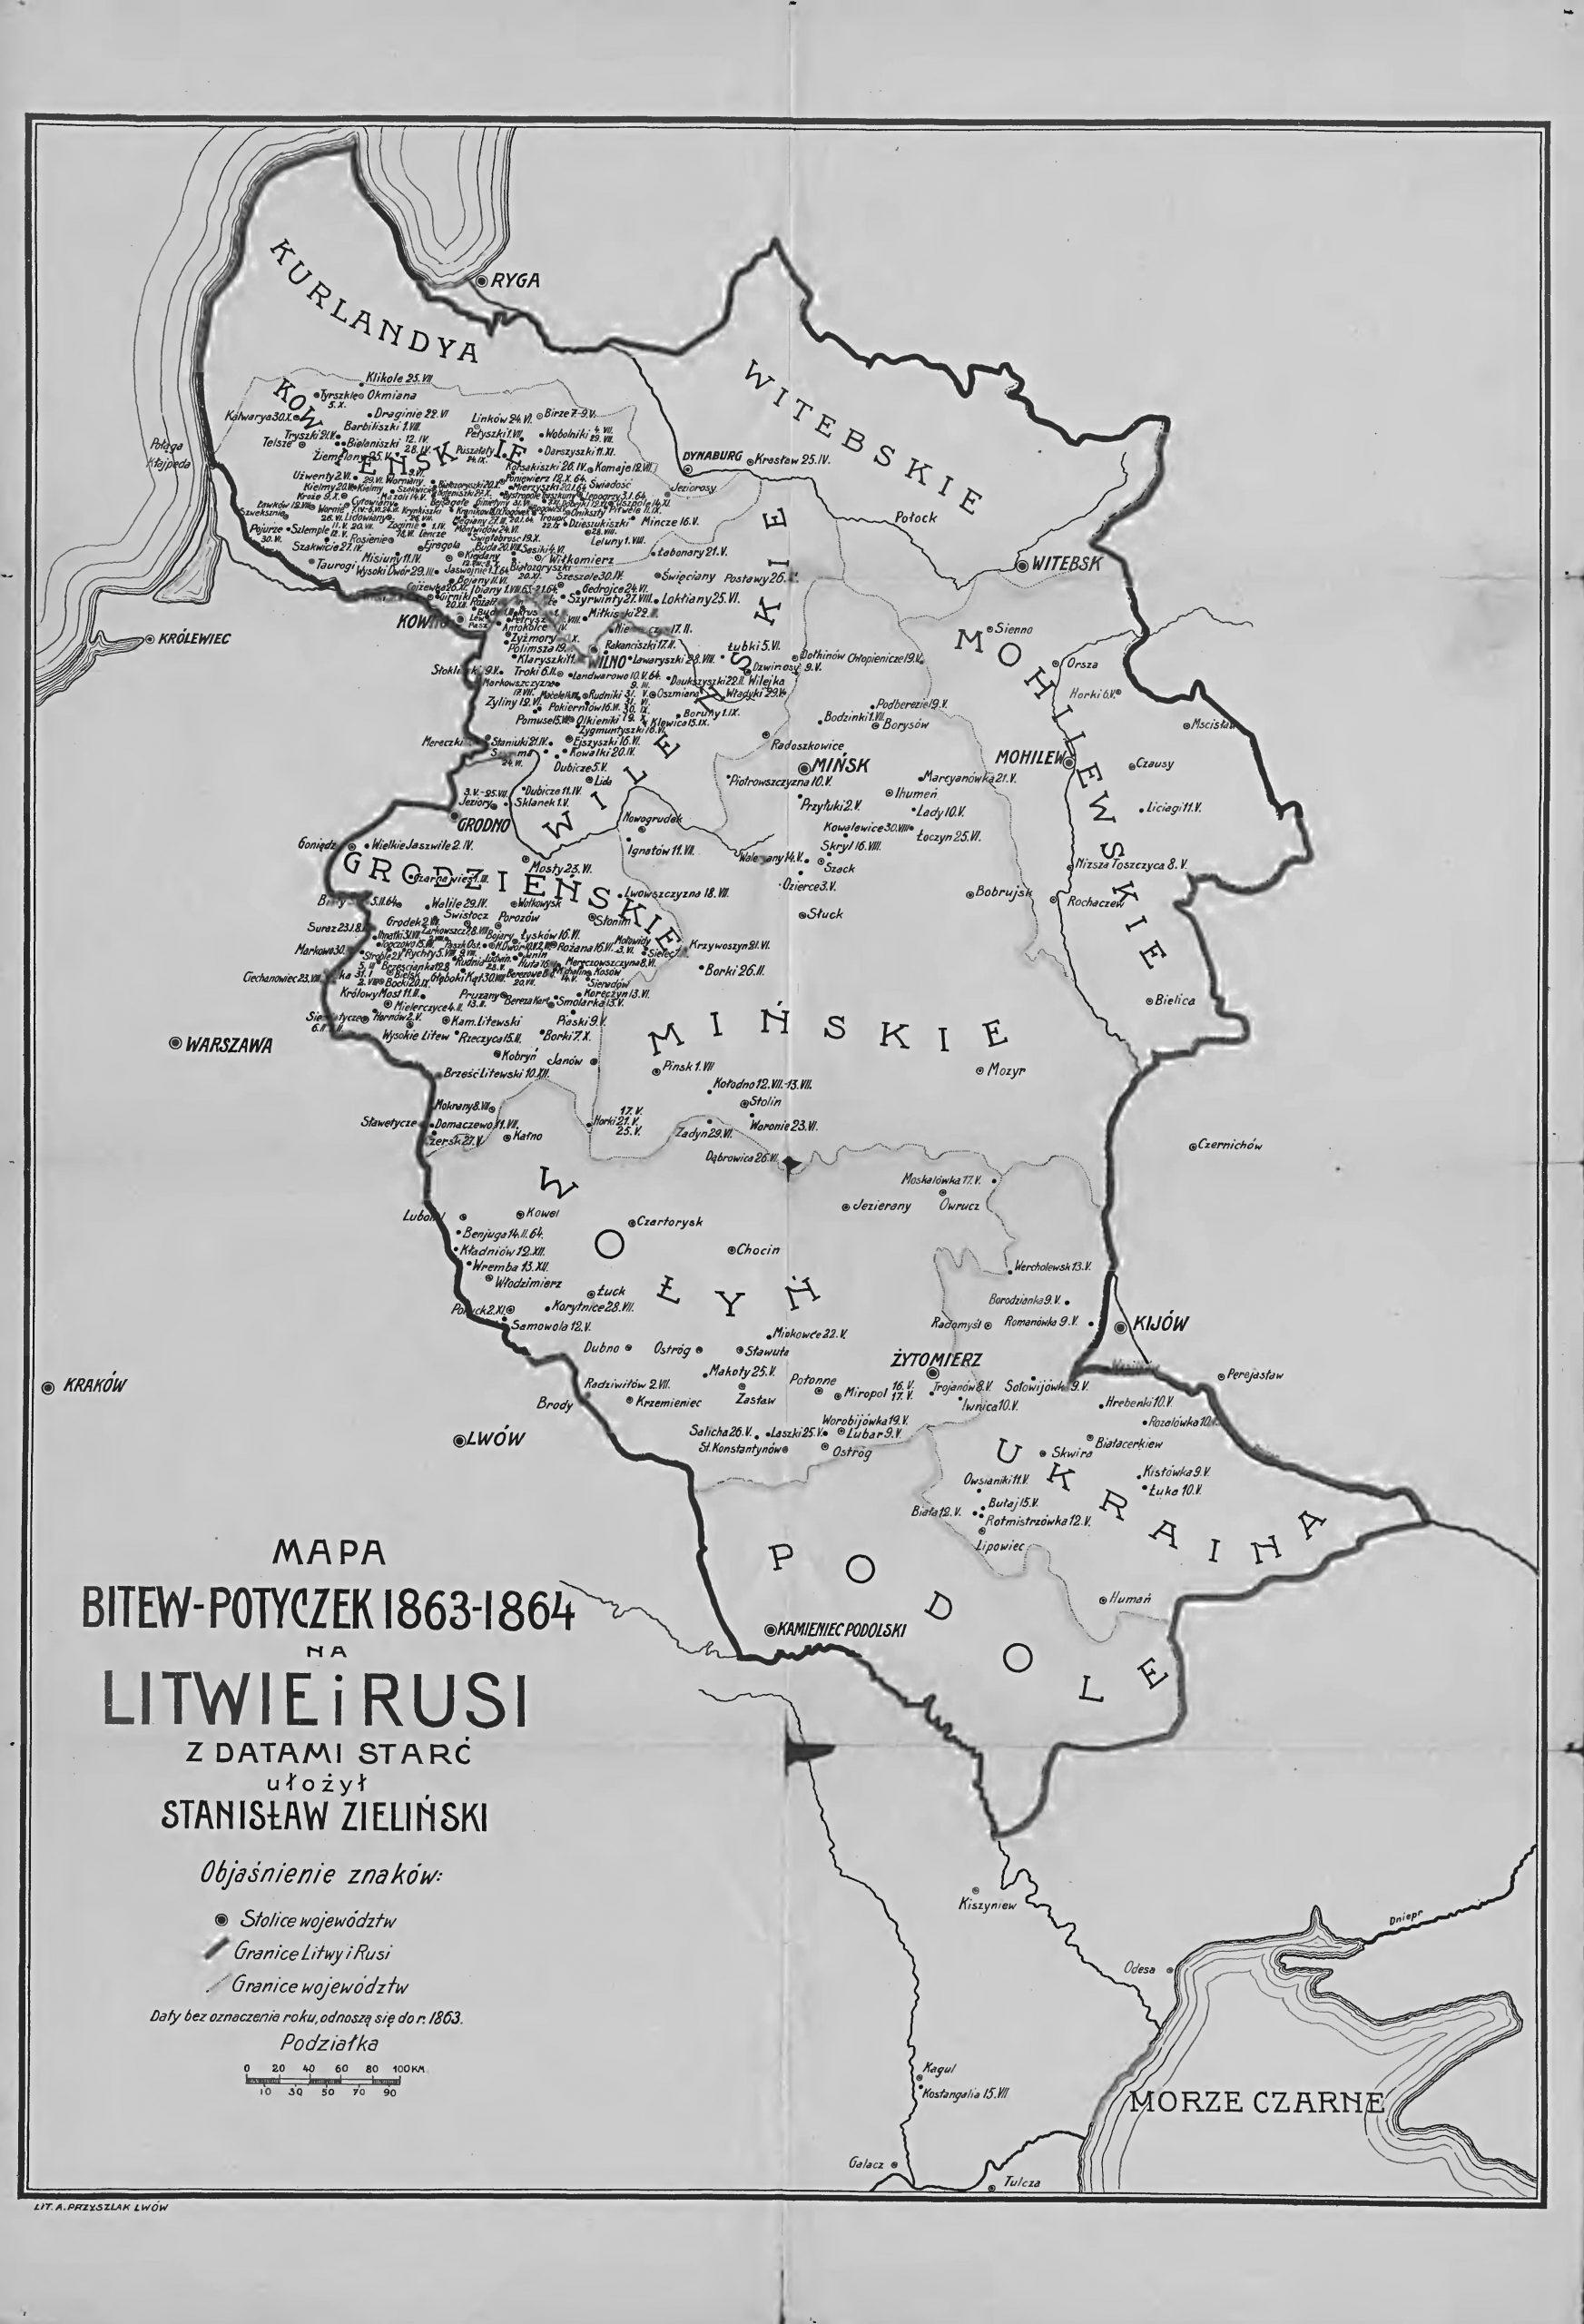 Bitwy_i_potyczki_mapa